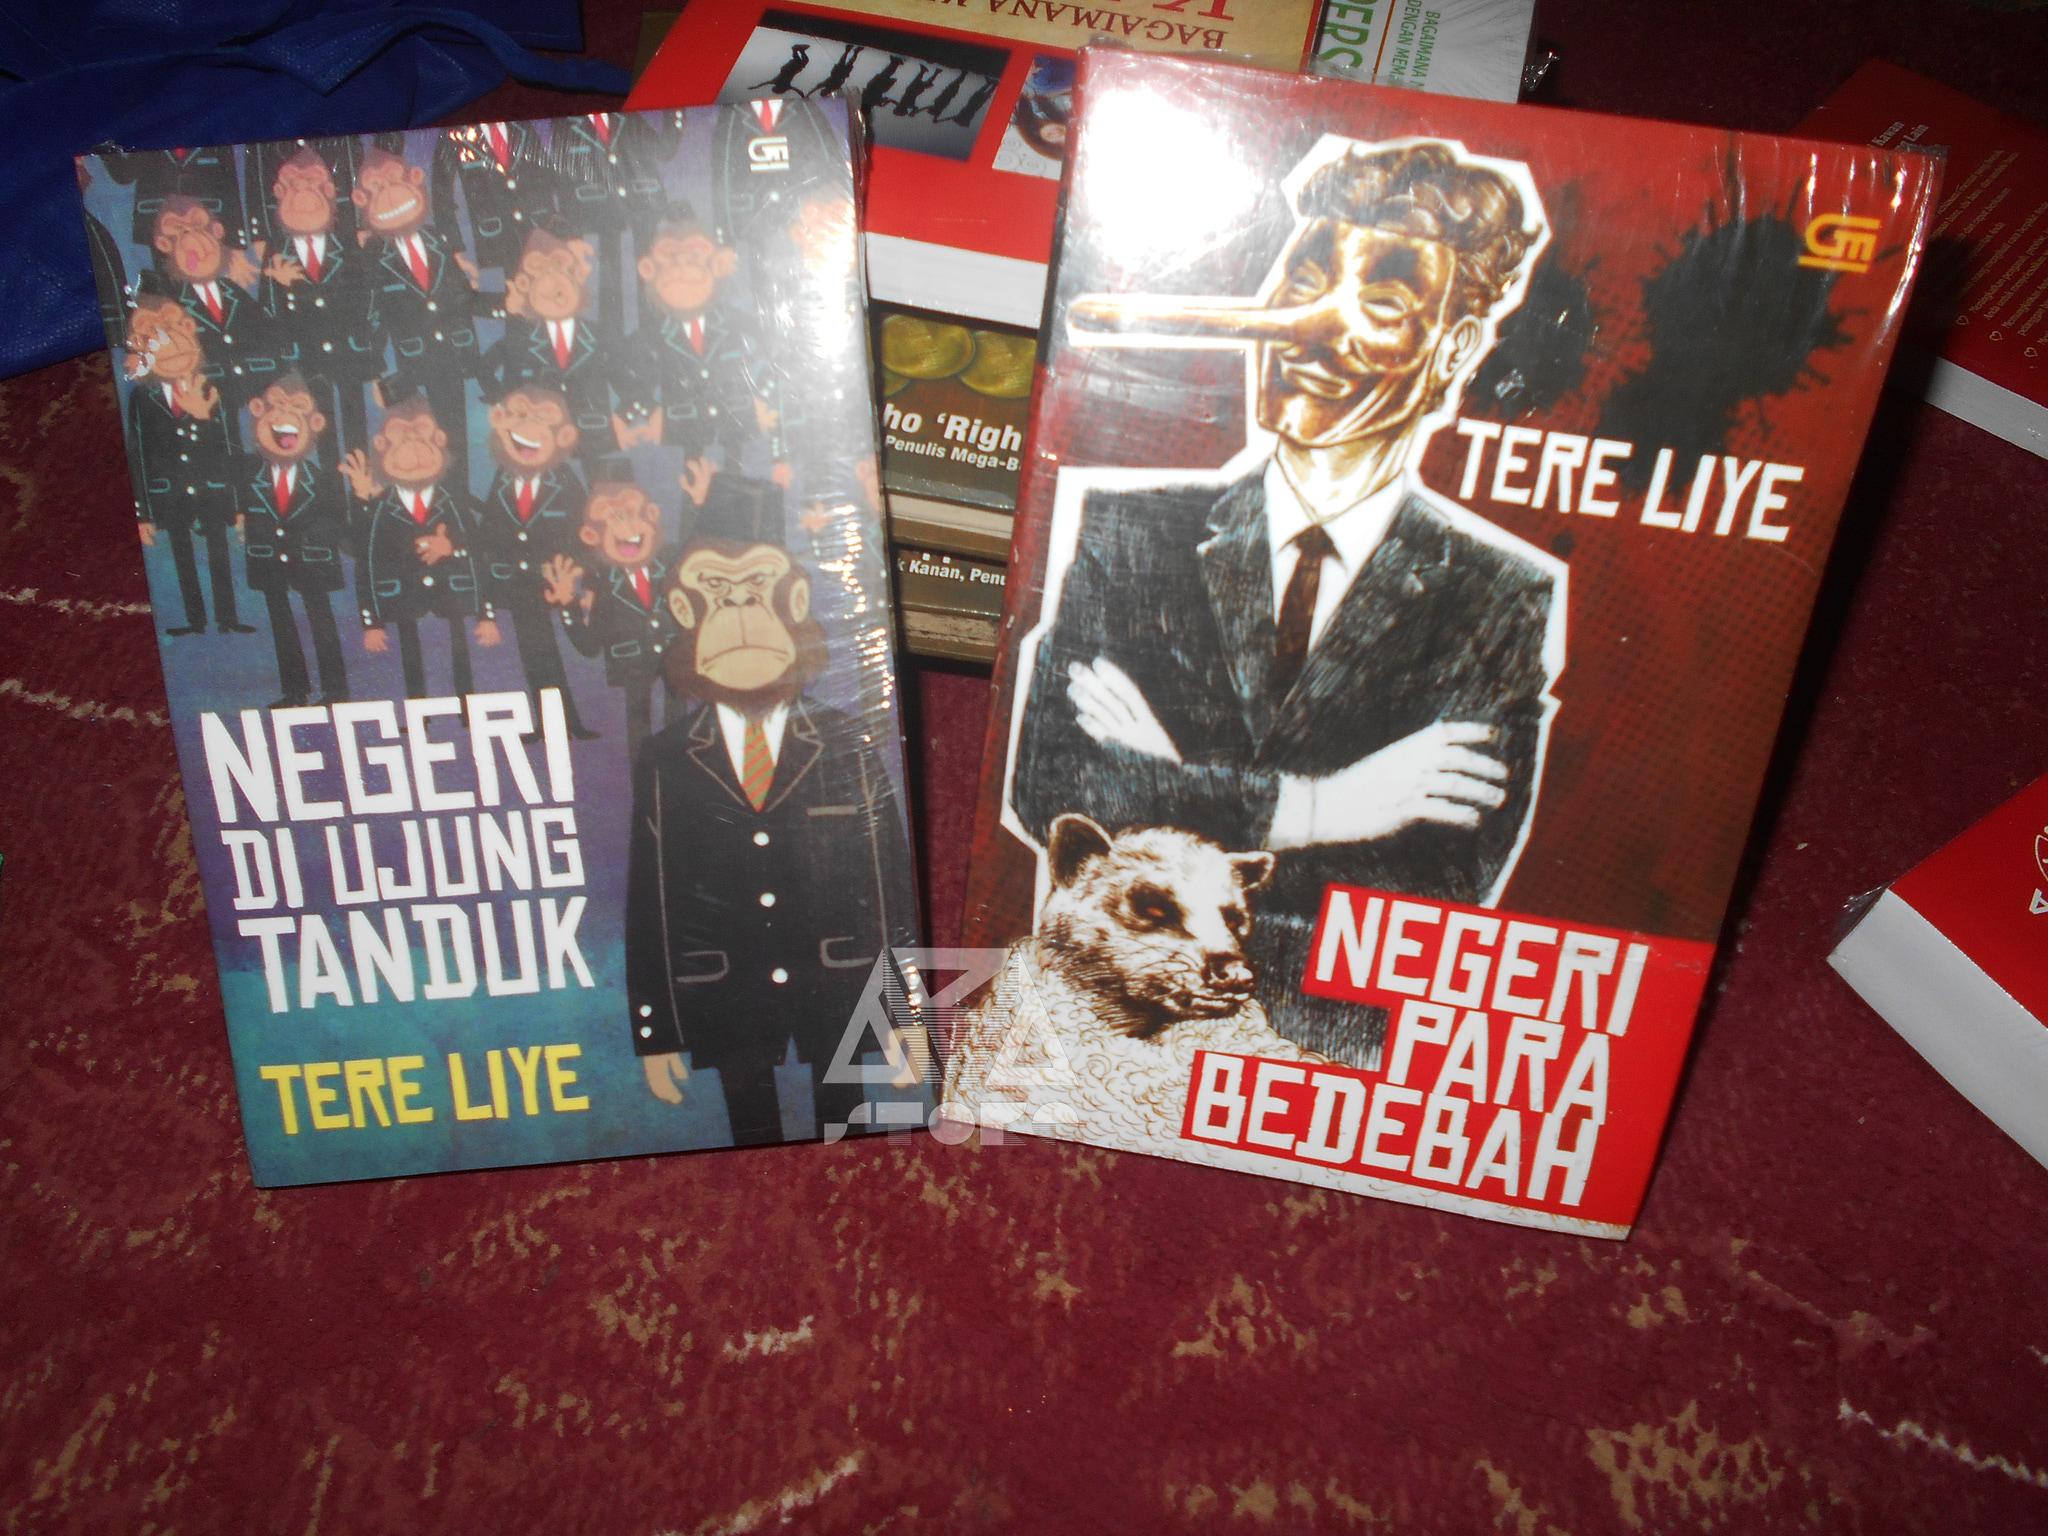 Jual Buku Novel Negeri Di Ujung Tanduk Dan Para Bedebah Tere Liye My Aba Store Tokopedia